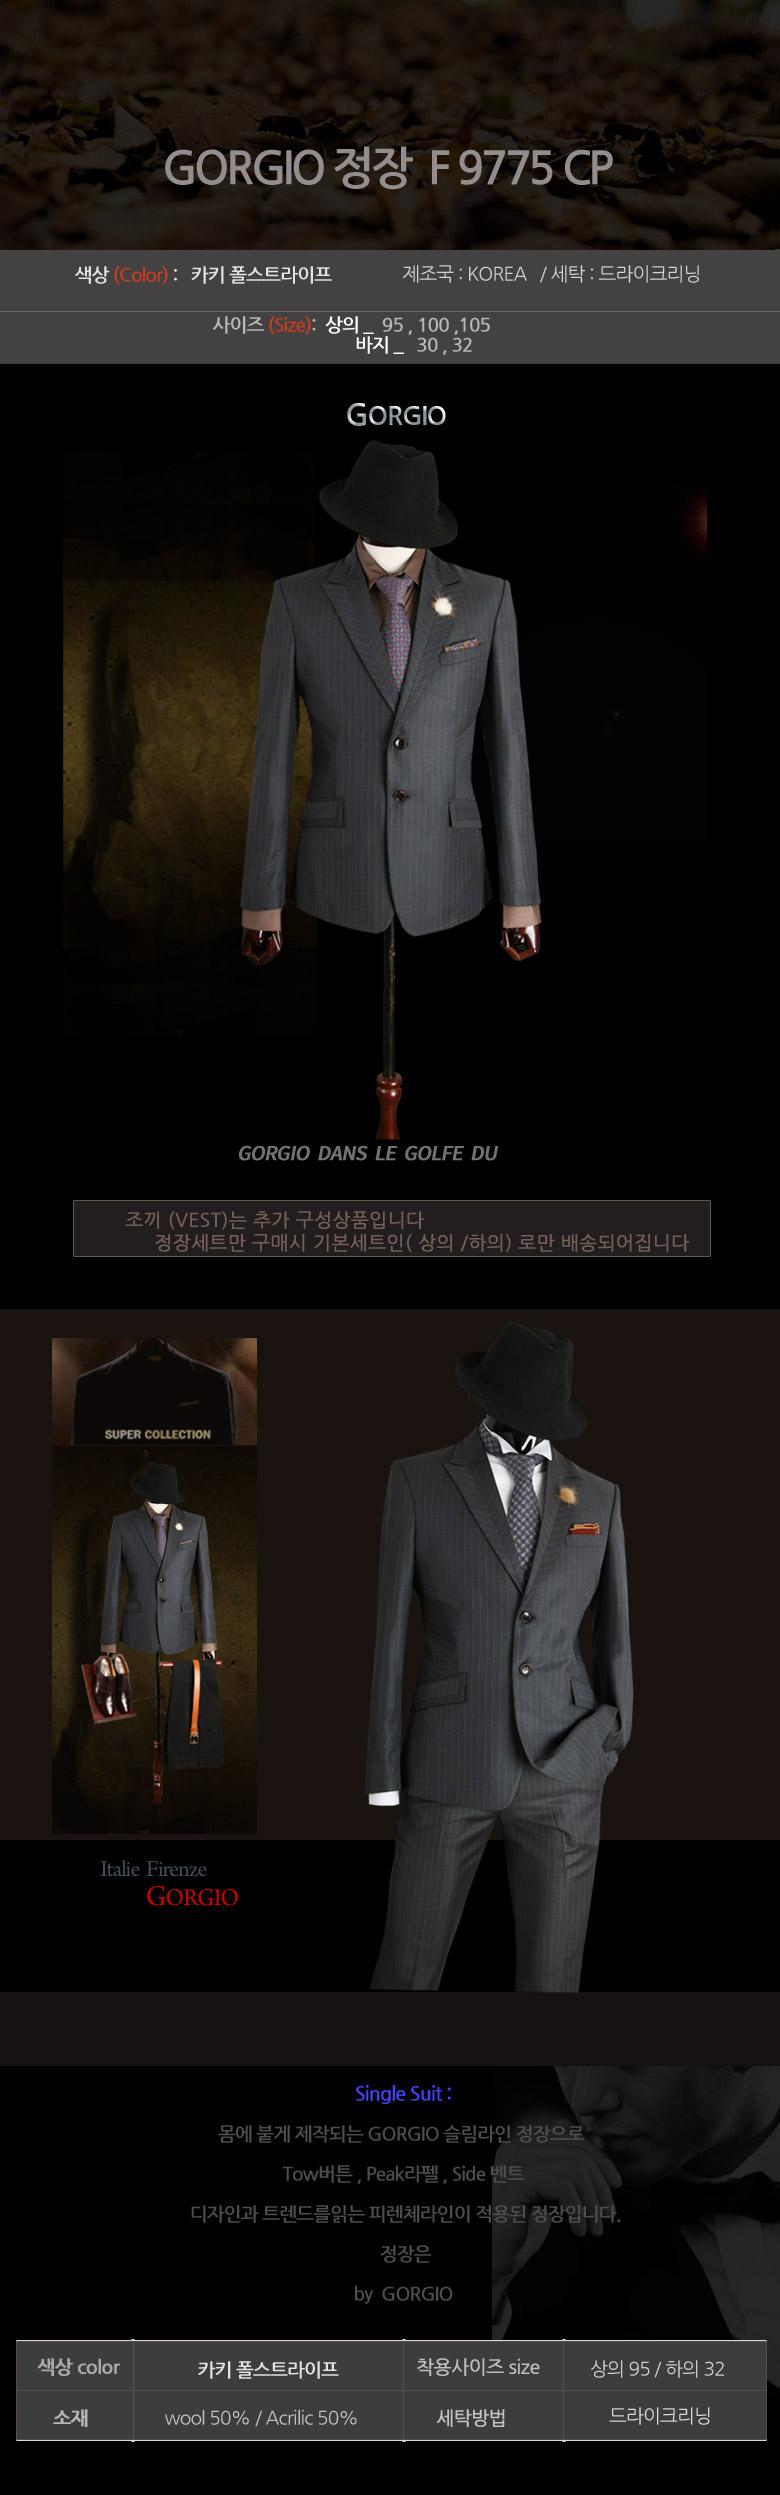 남성정장 Men's Suits 男性のスーツ 男士西裝